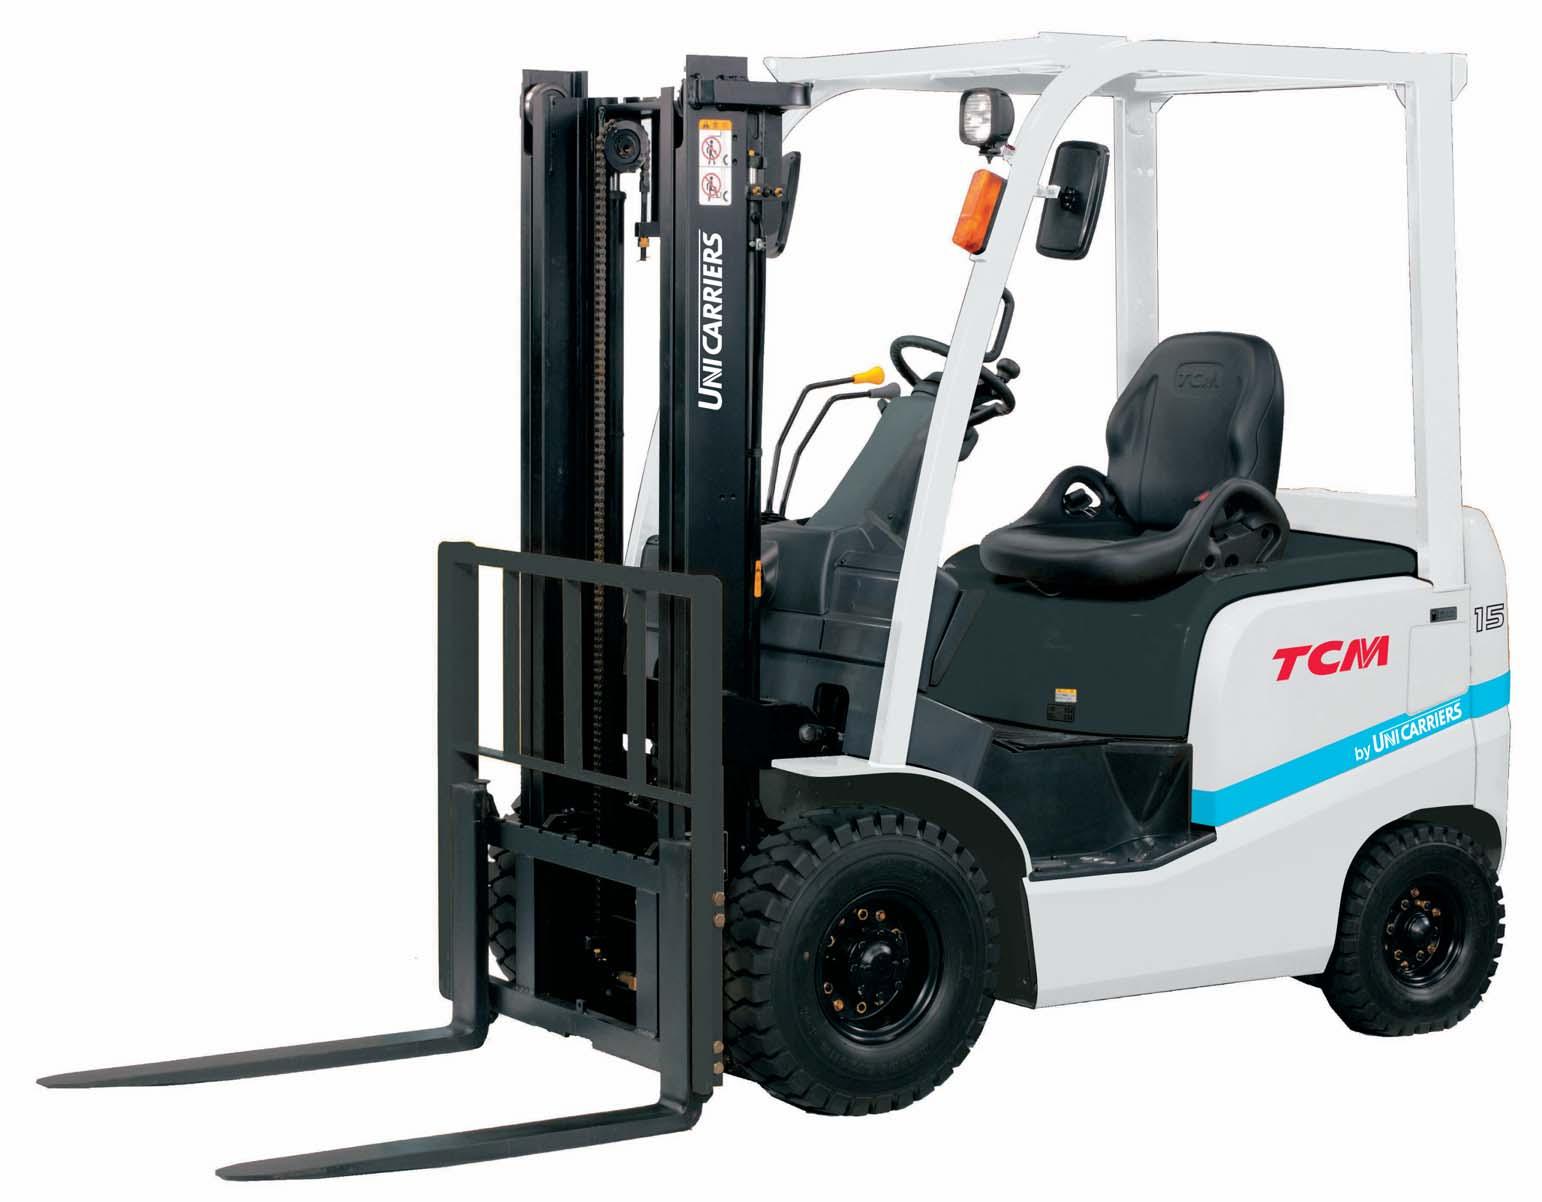 TCM FG35T3S